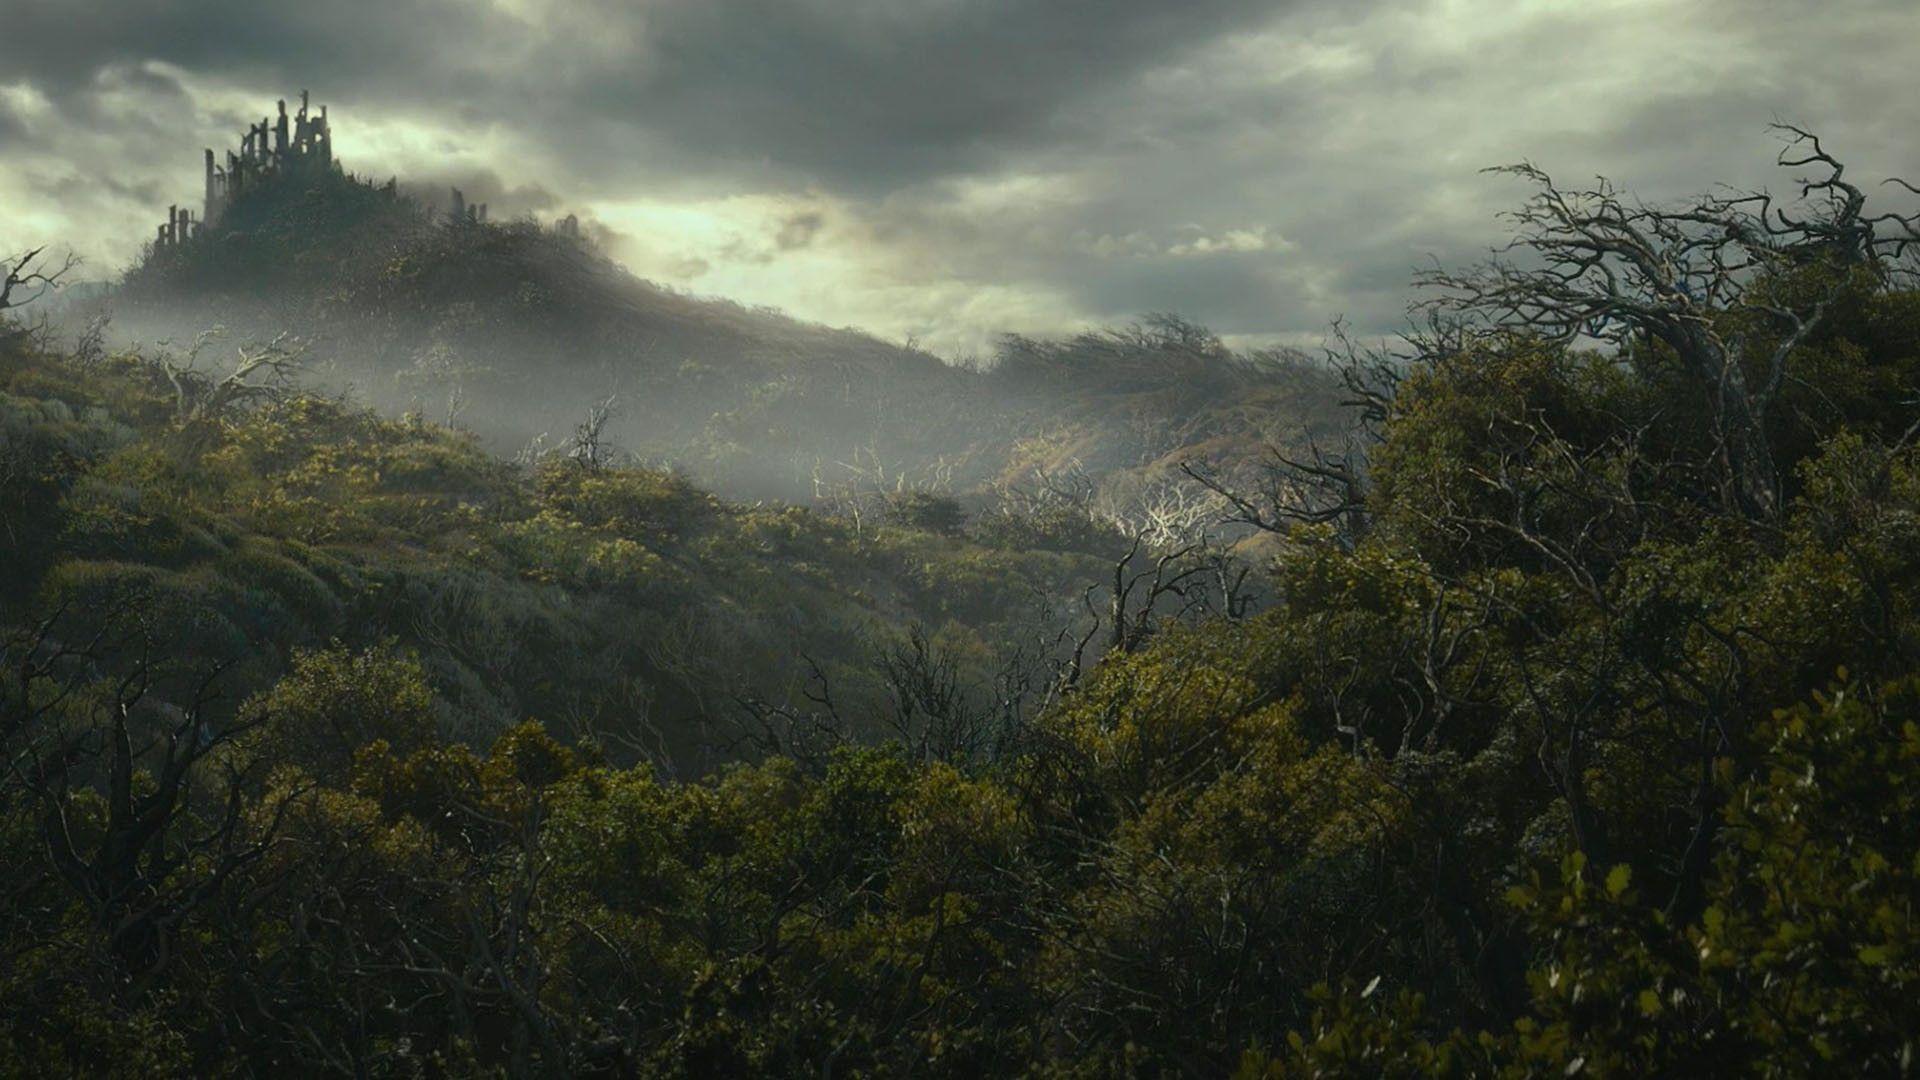 Dol Guldur   The Hobbit HD Wallpaper 1920x1080 1920x1080